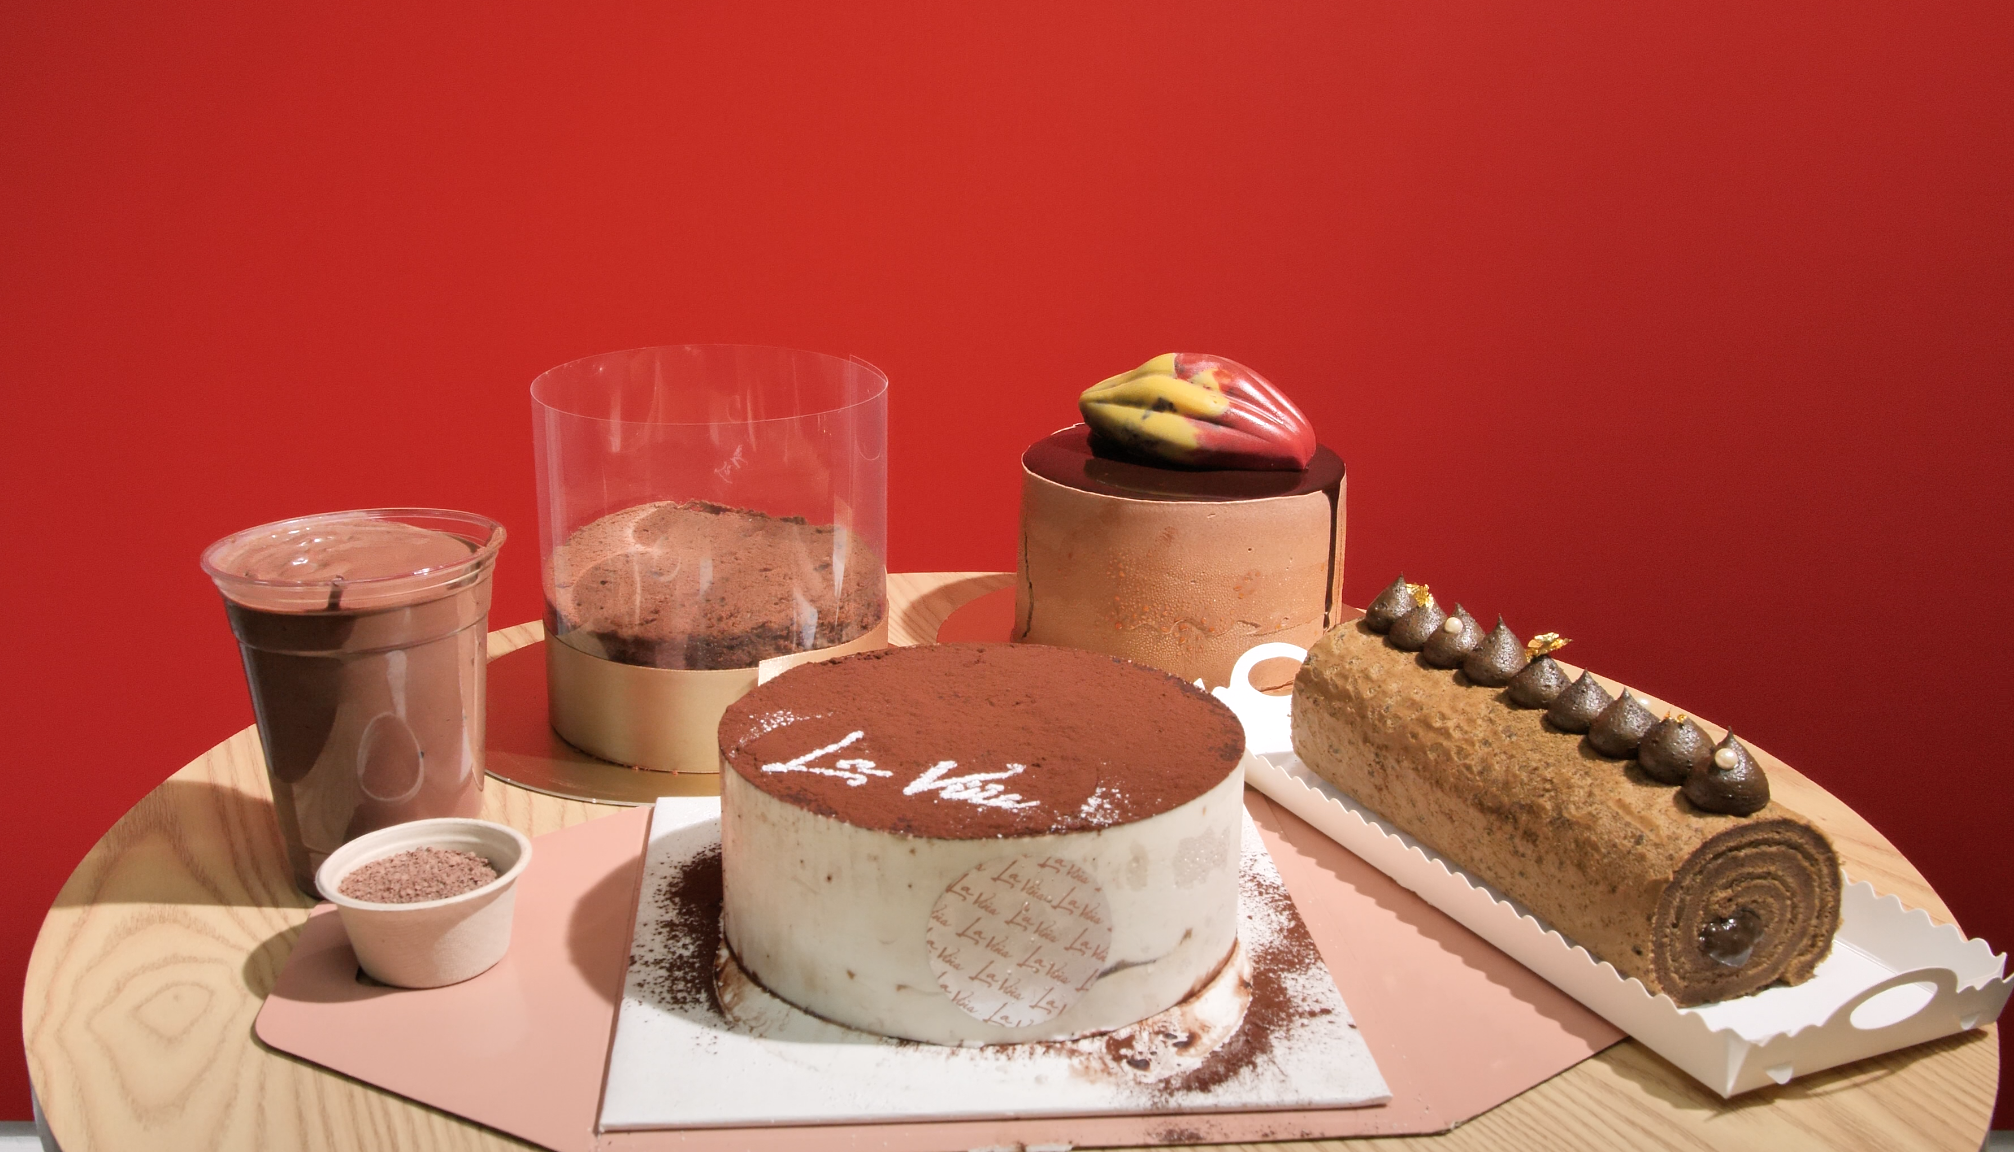 西班牙甜點品牌新推  極邪惡朱古力蛋糕+濃厚焙茶卷蛋